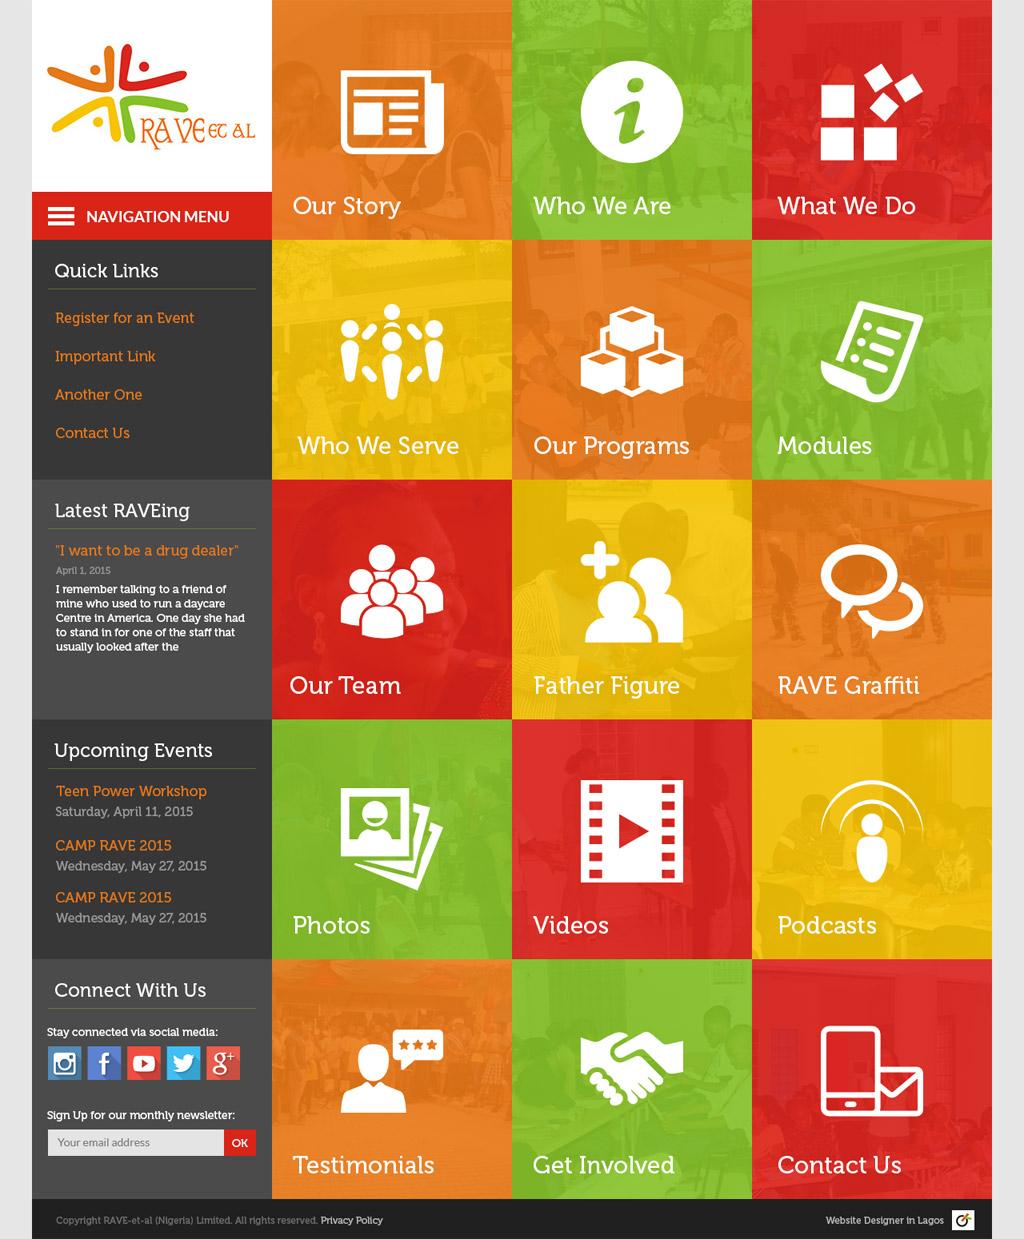 rave-et-al-website-design--nigeria